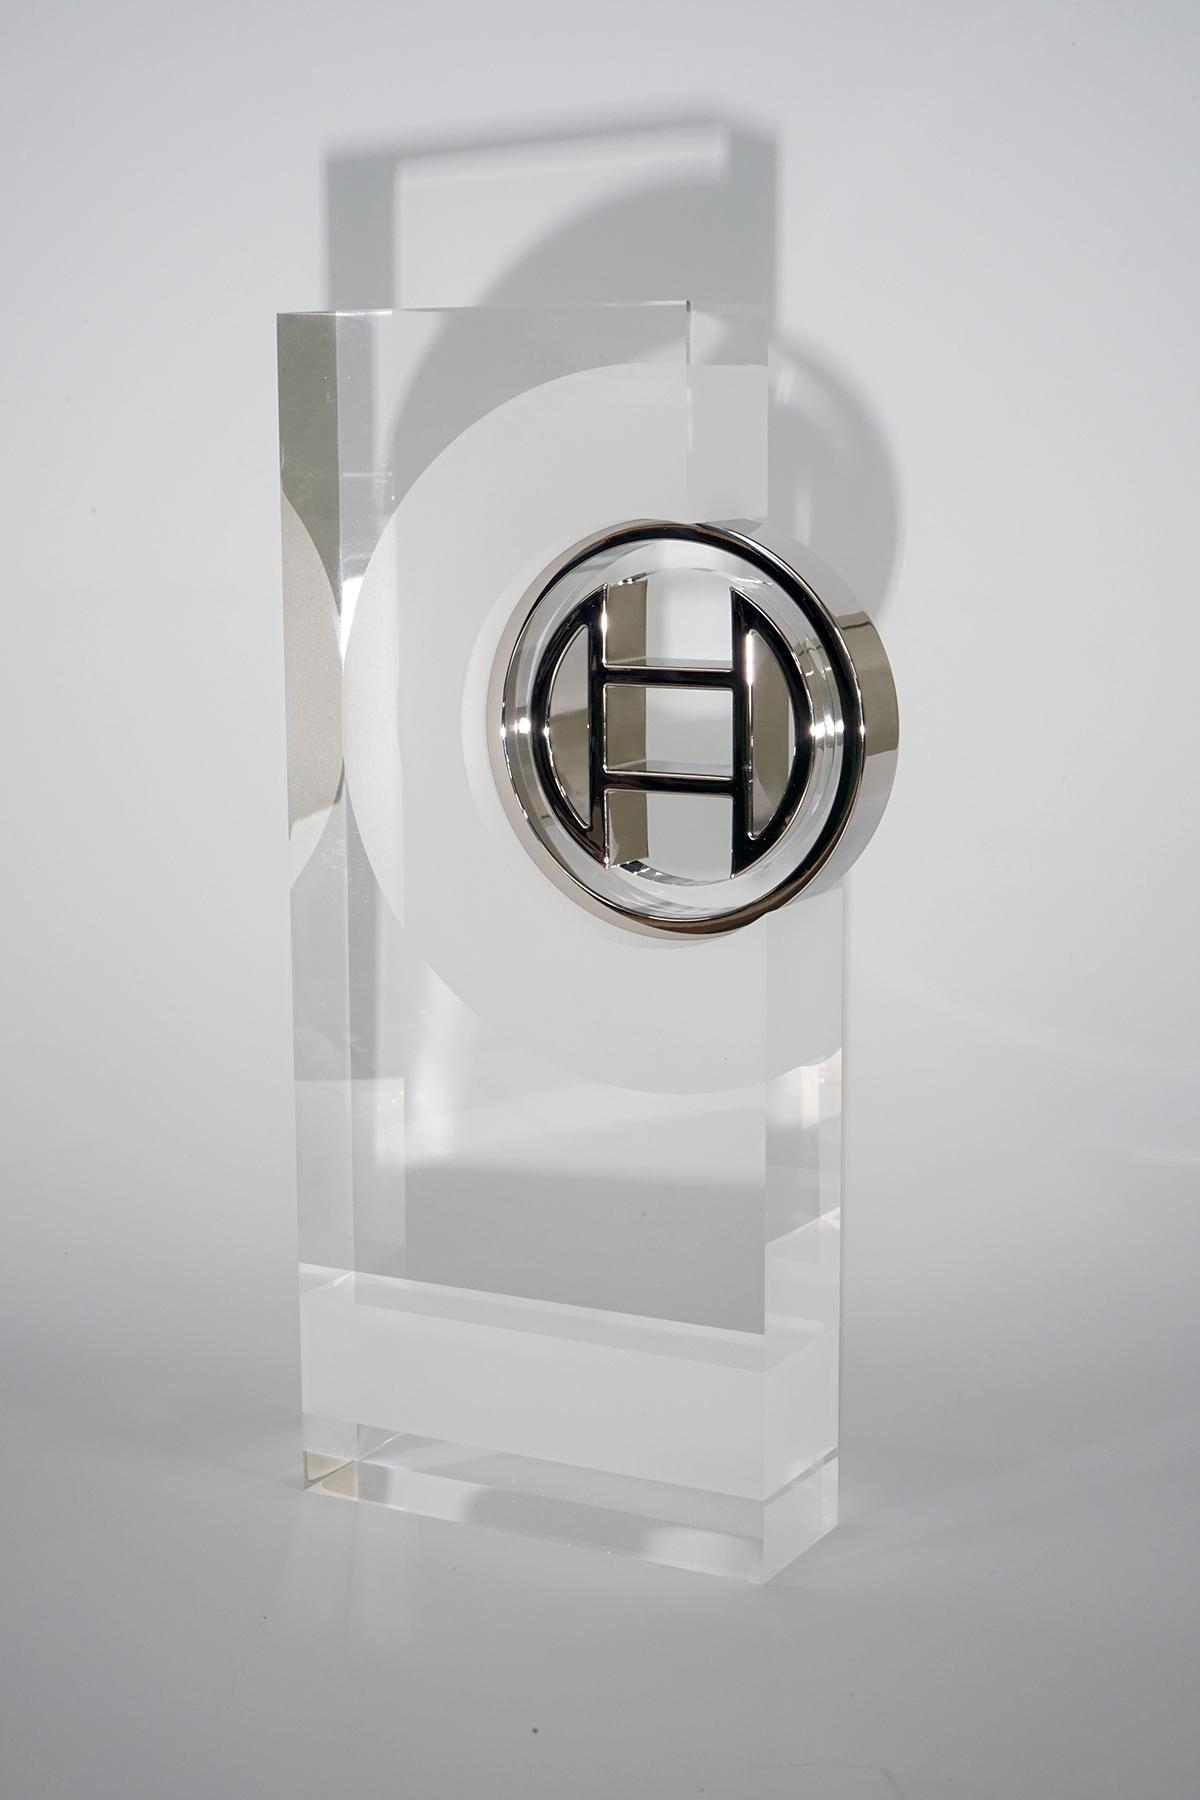 Award, Robert Bosch GmbH